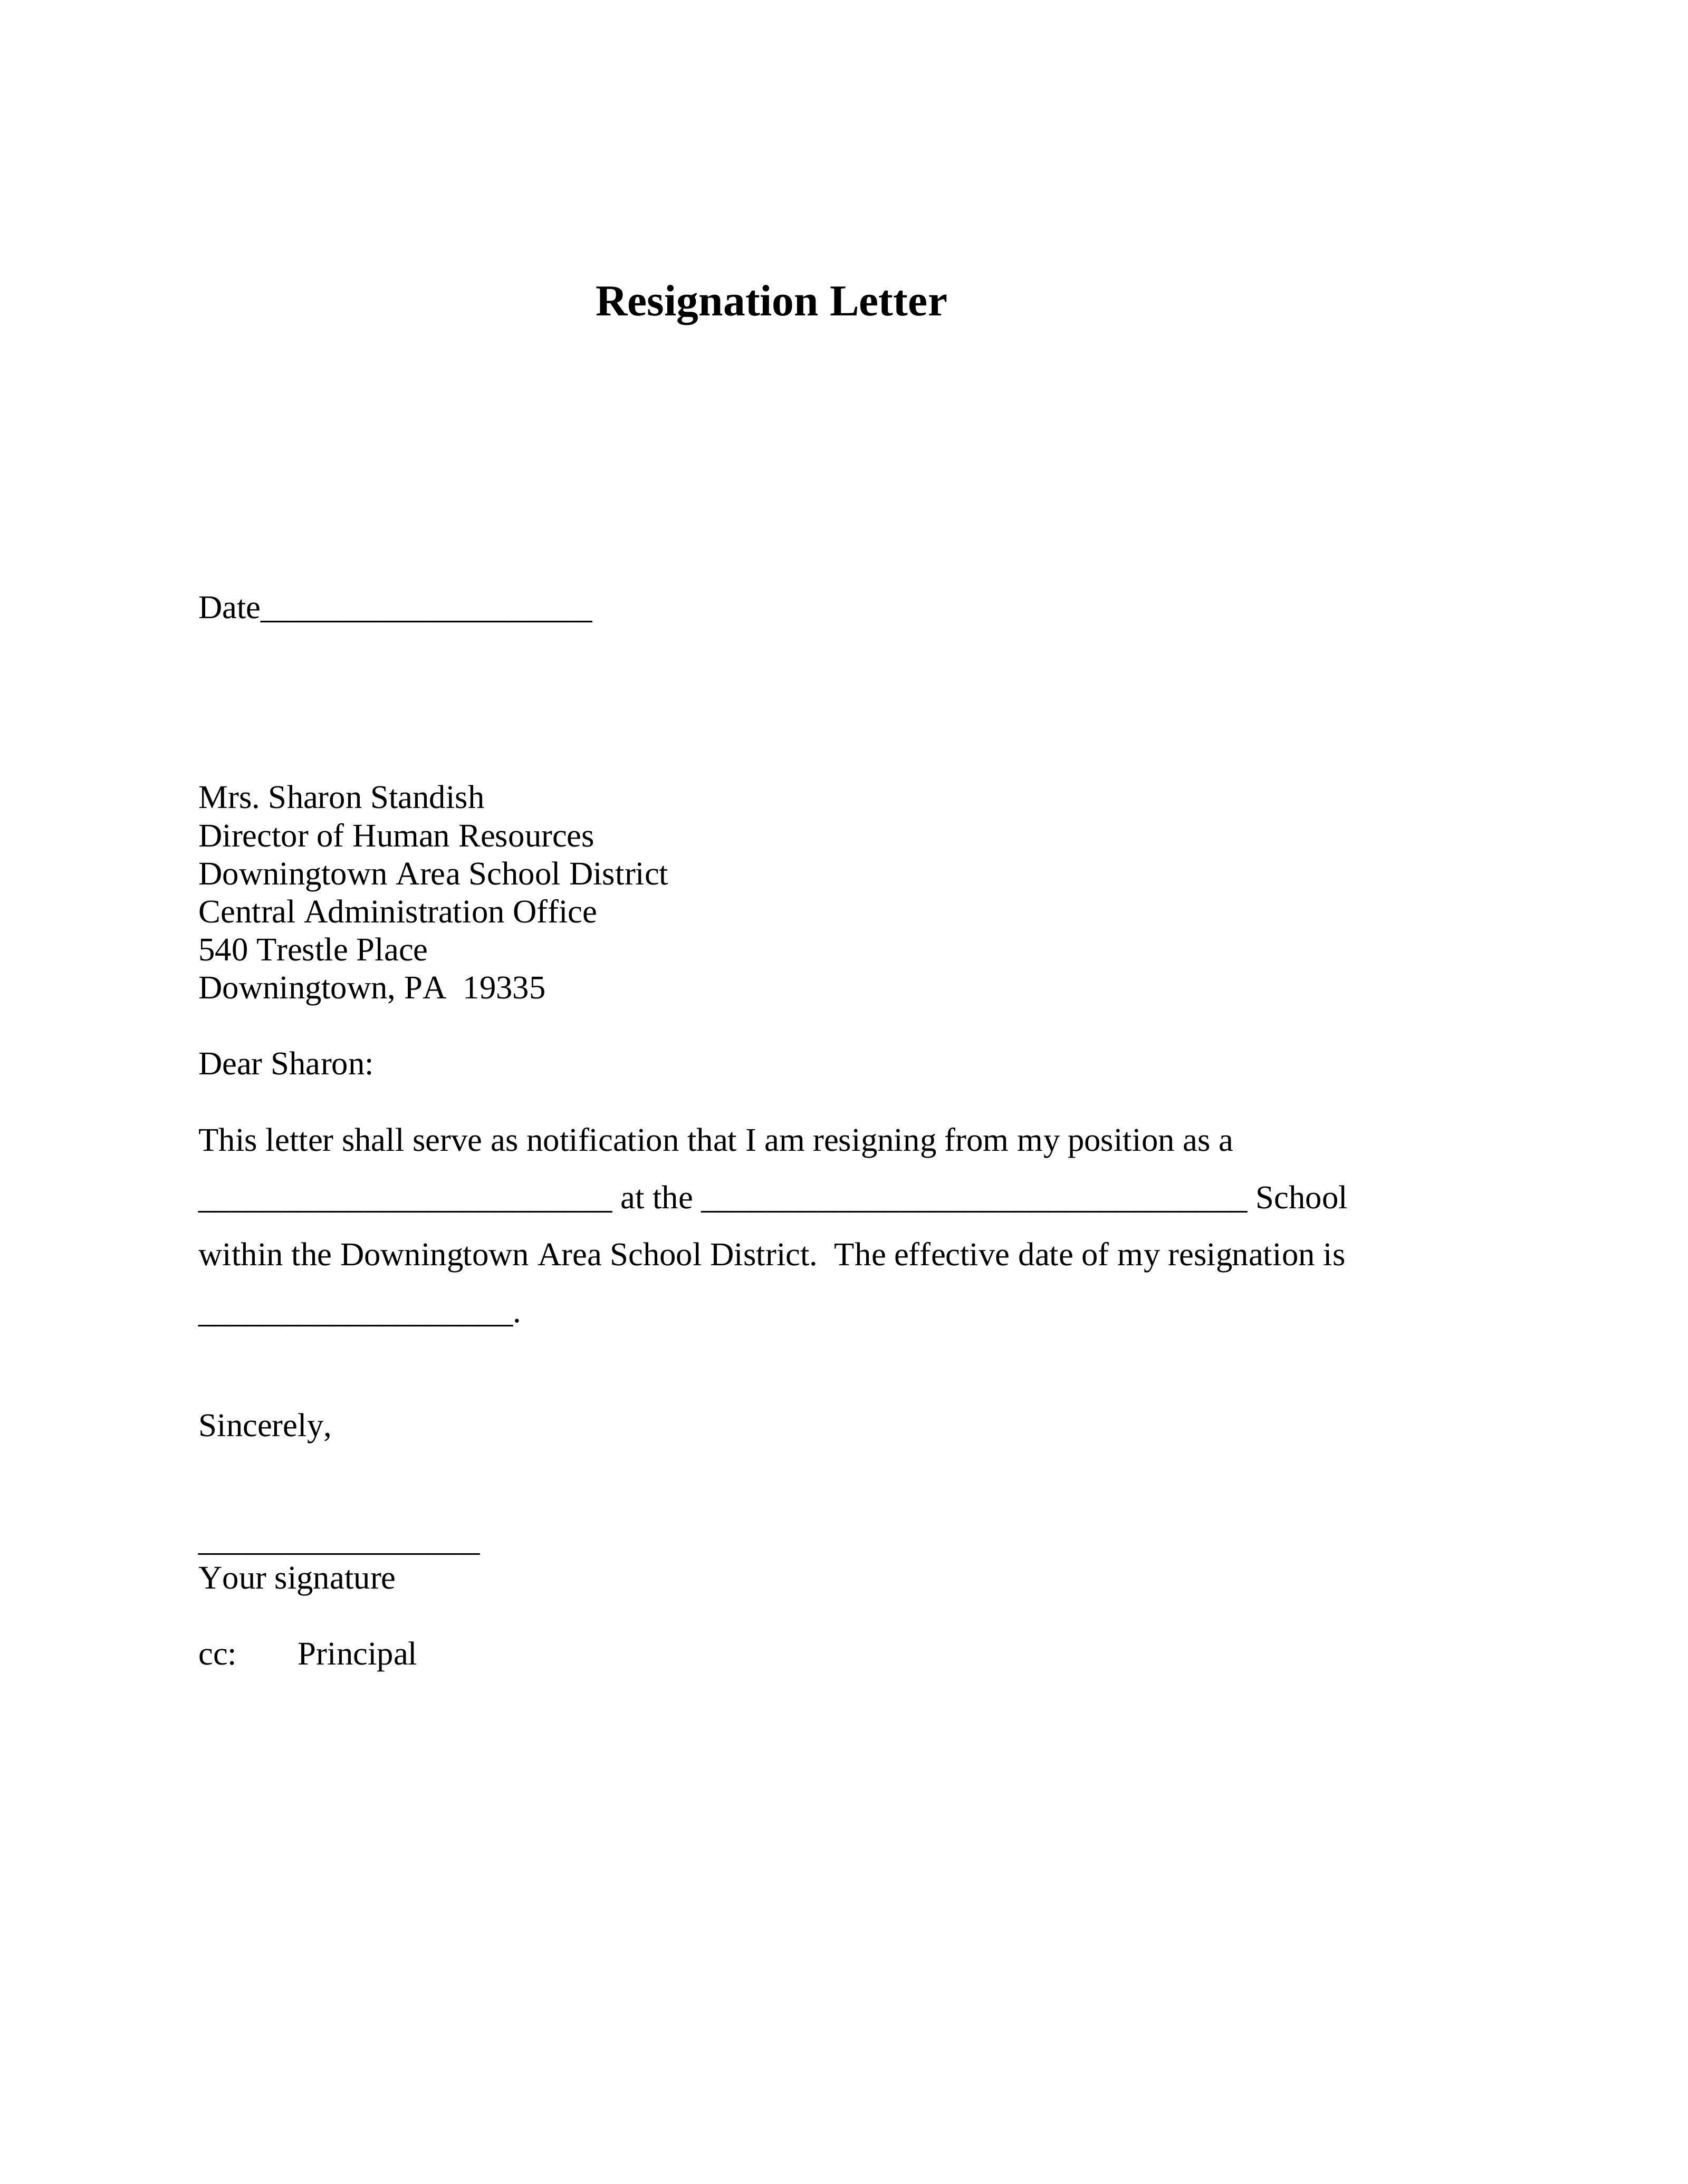 25 Resignation Letter Examples Pdf Doc Resignation Letter